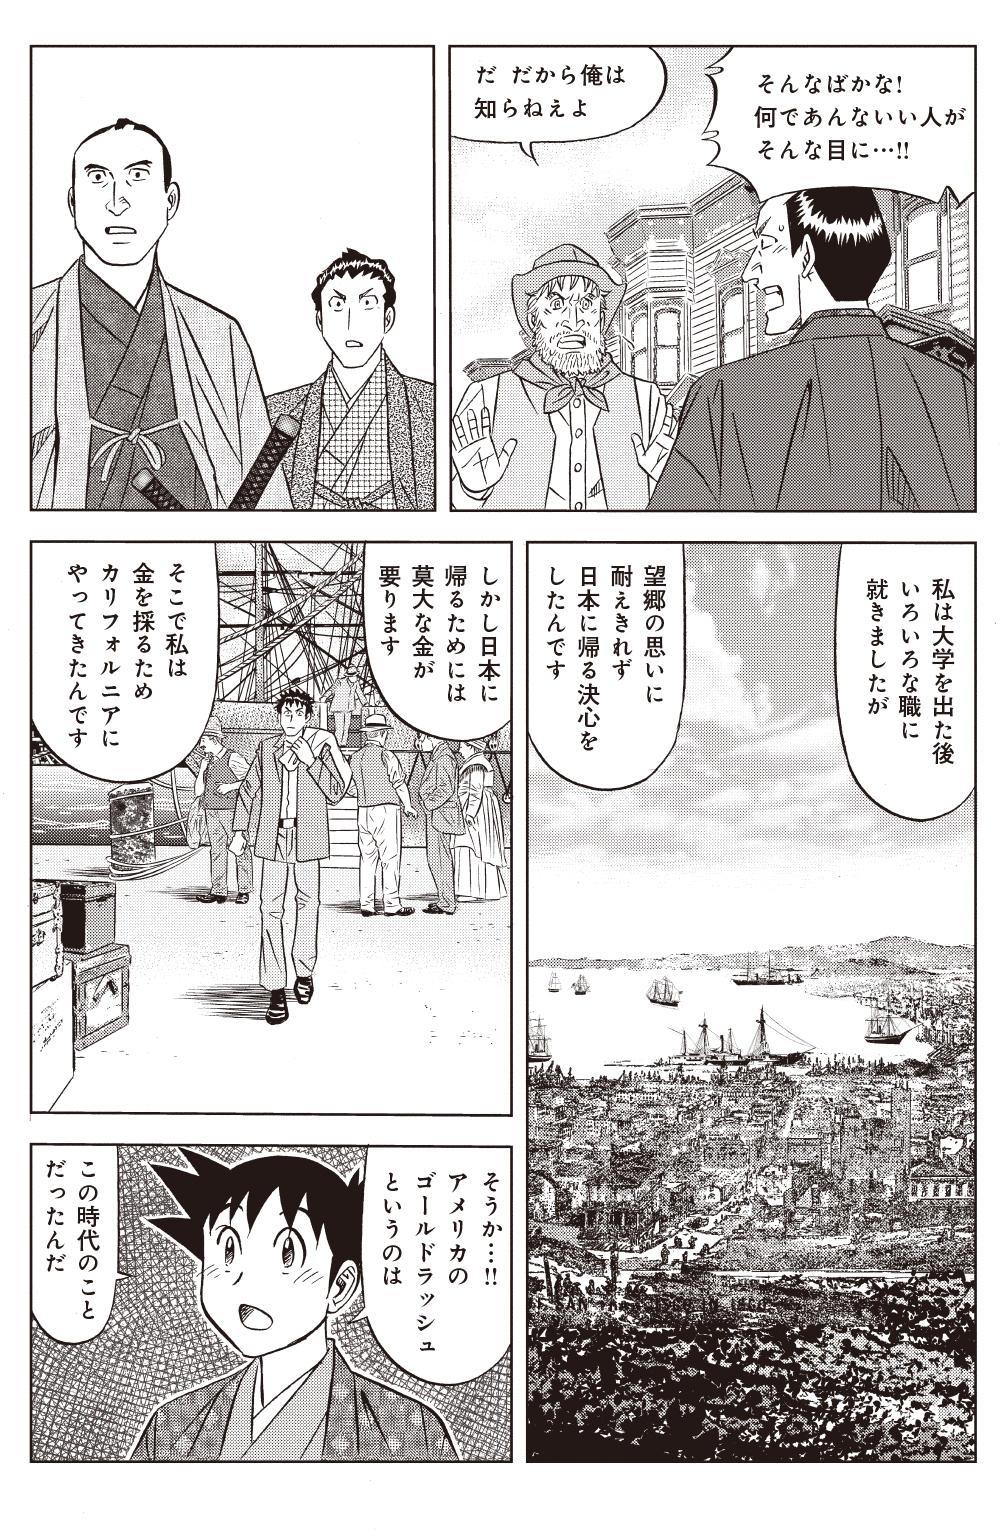 ミスター味っ子 幕末編 第3話「黄金大陸」①ajikko01-86.jpg